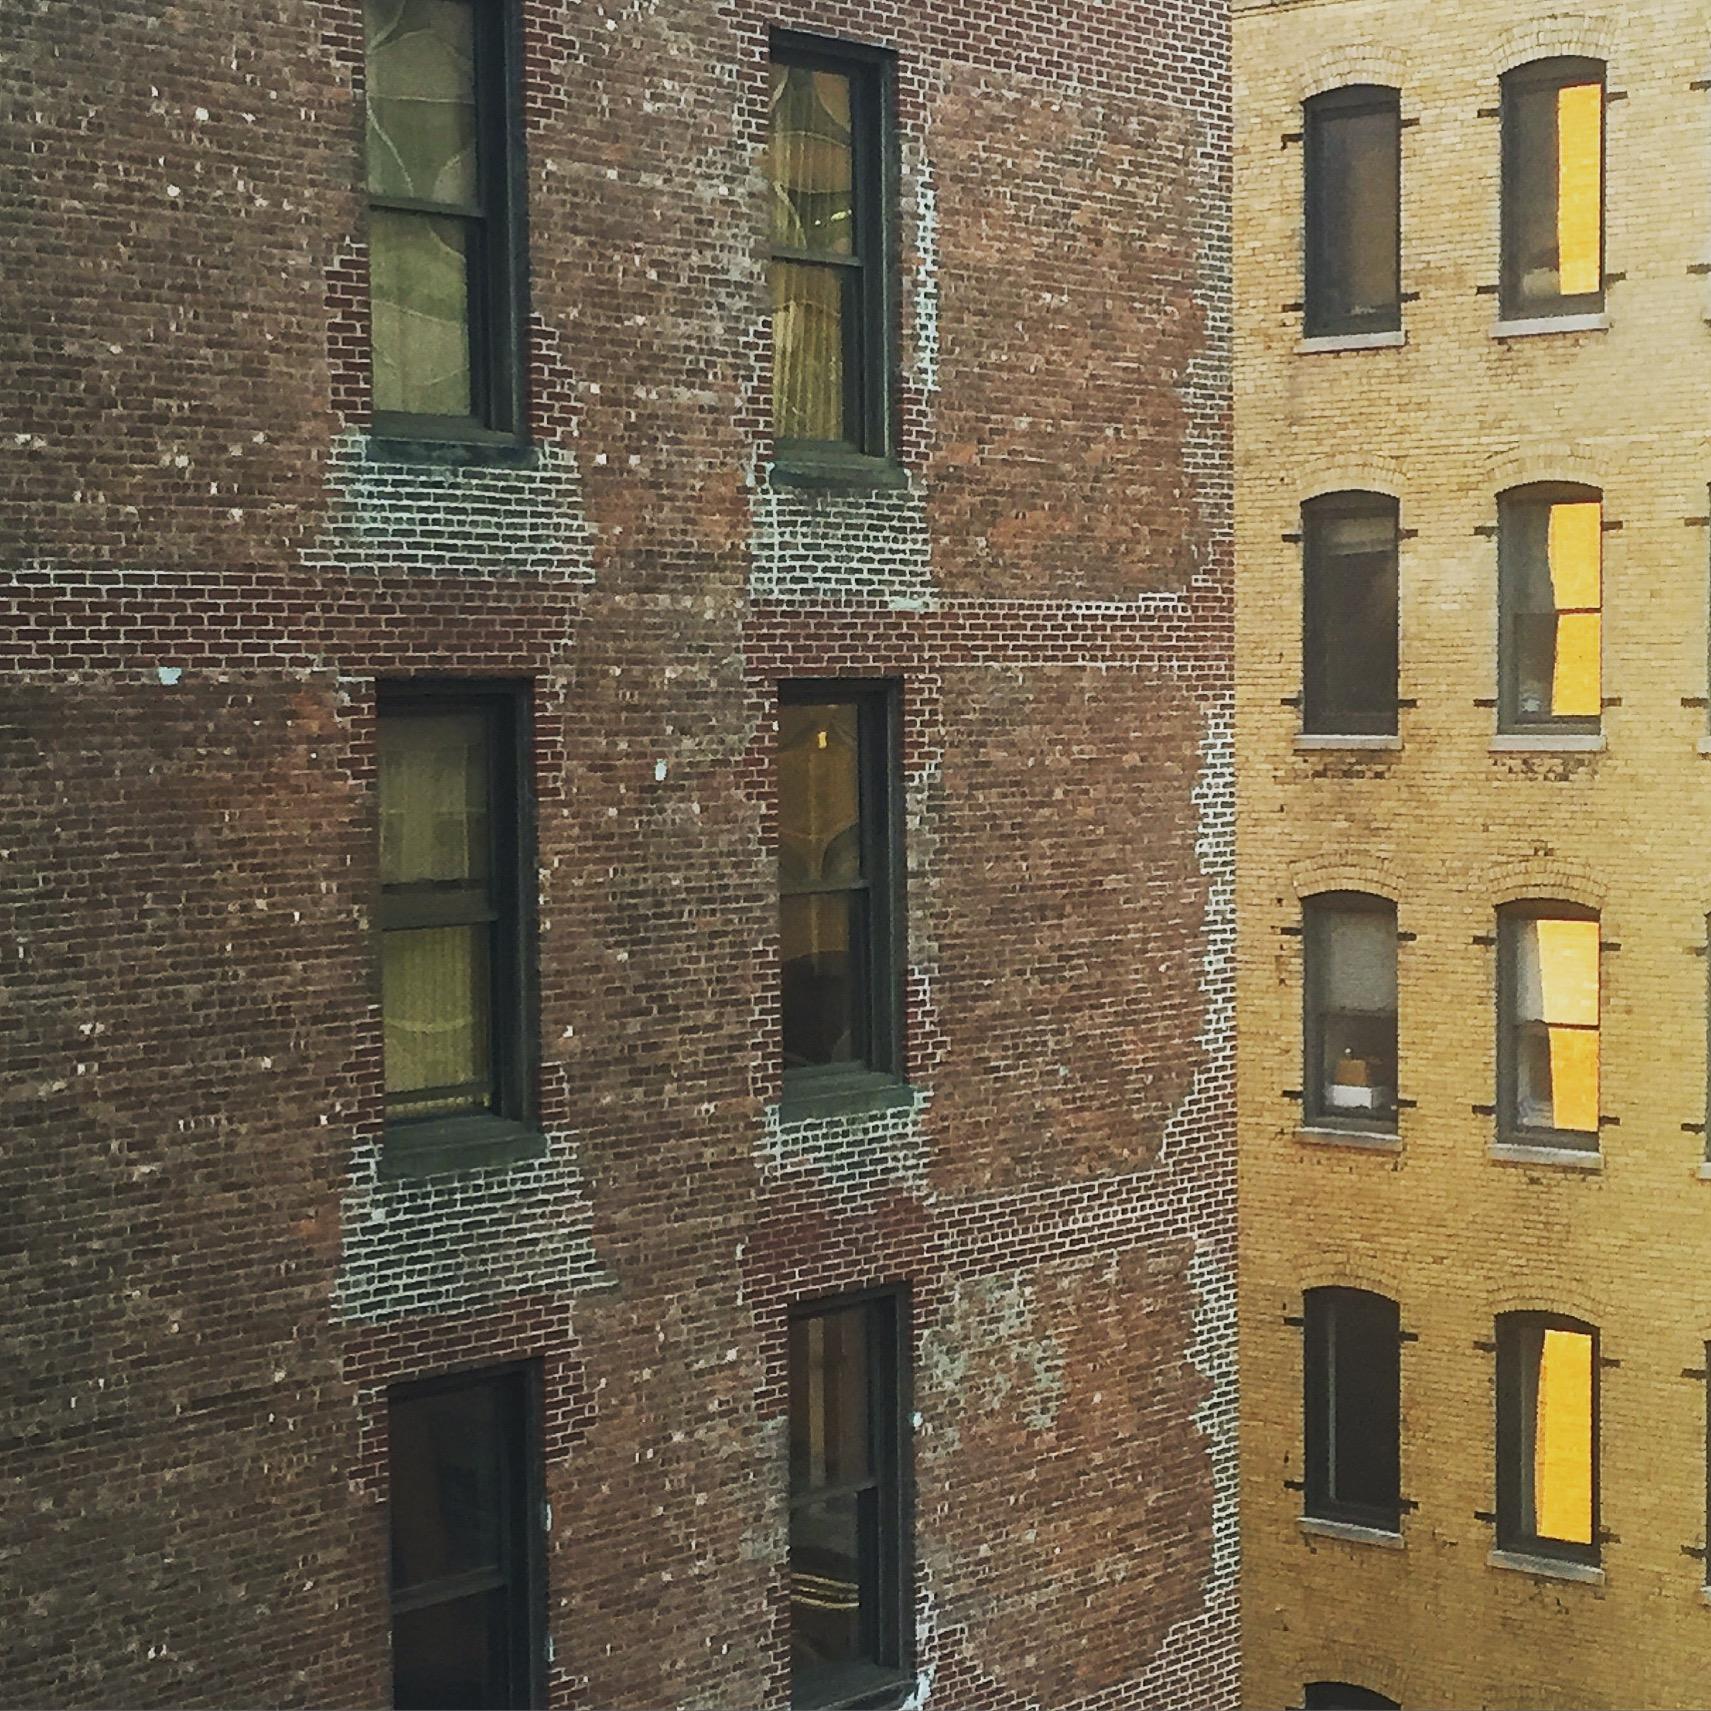 Fourteen Windows